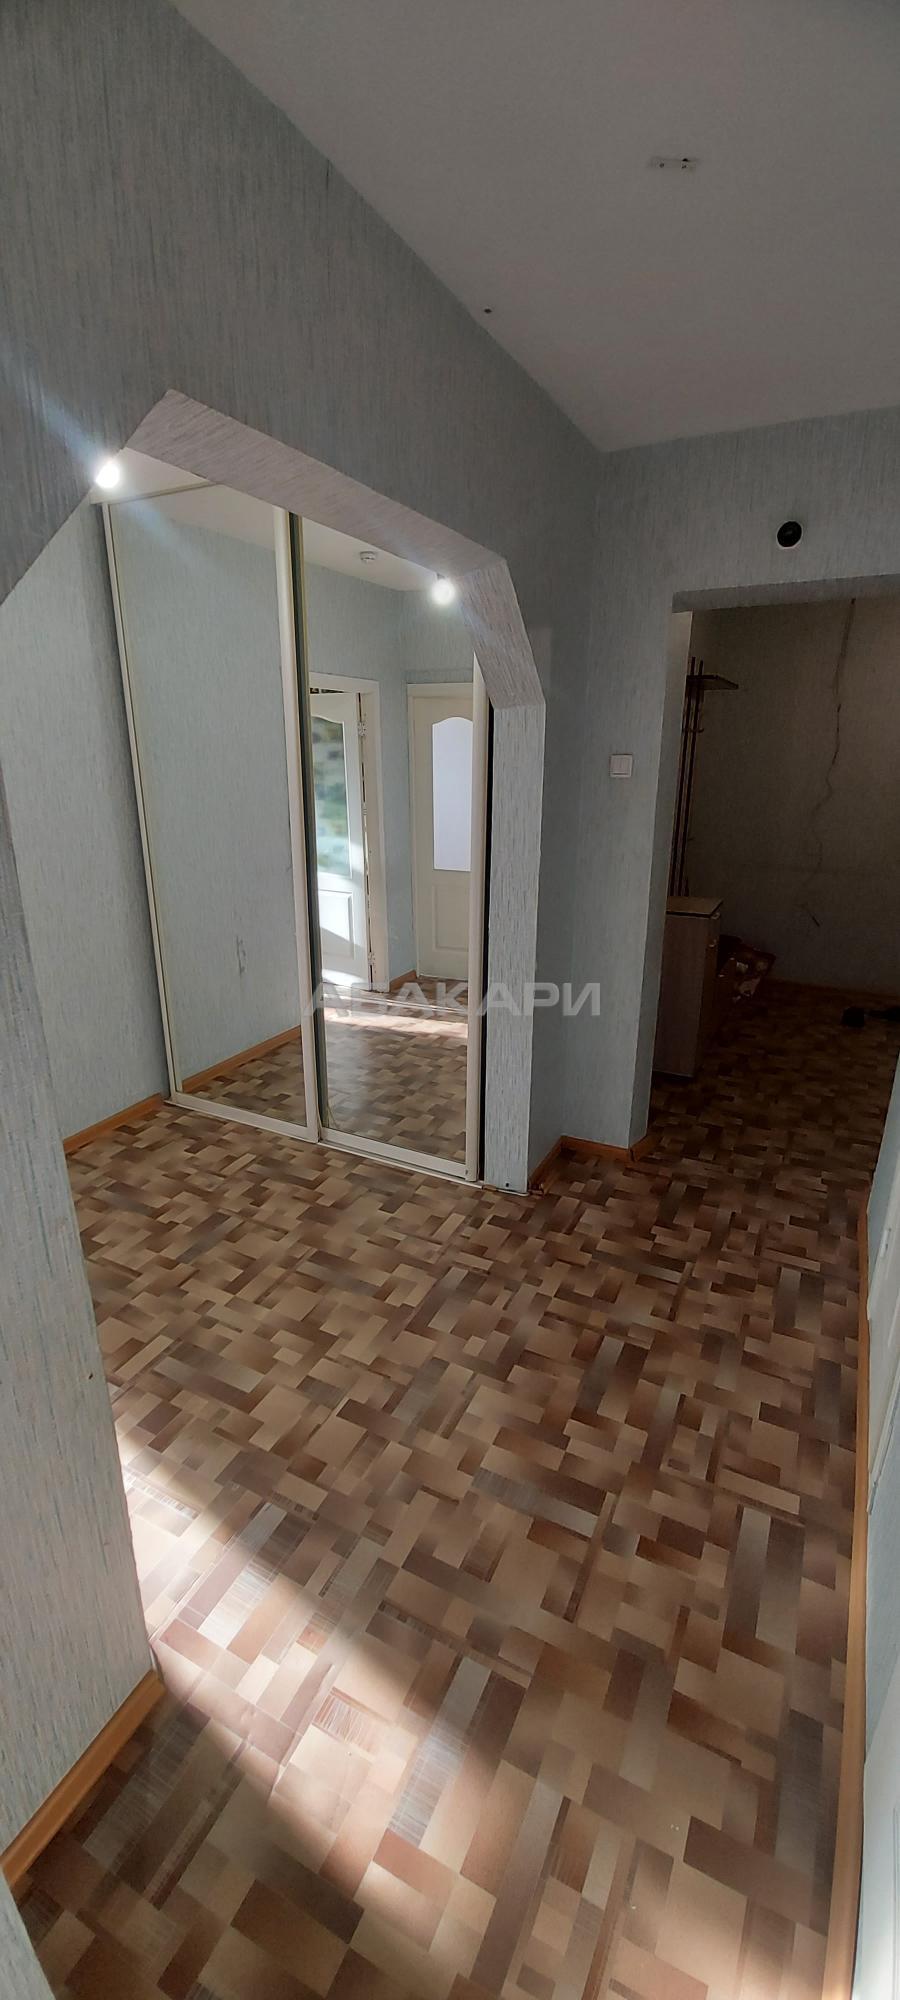 2к квартира улица Дмитрия Мартынова, д. 22 | 25000 | аренда в Красноярске фото 7